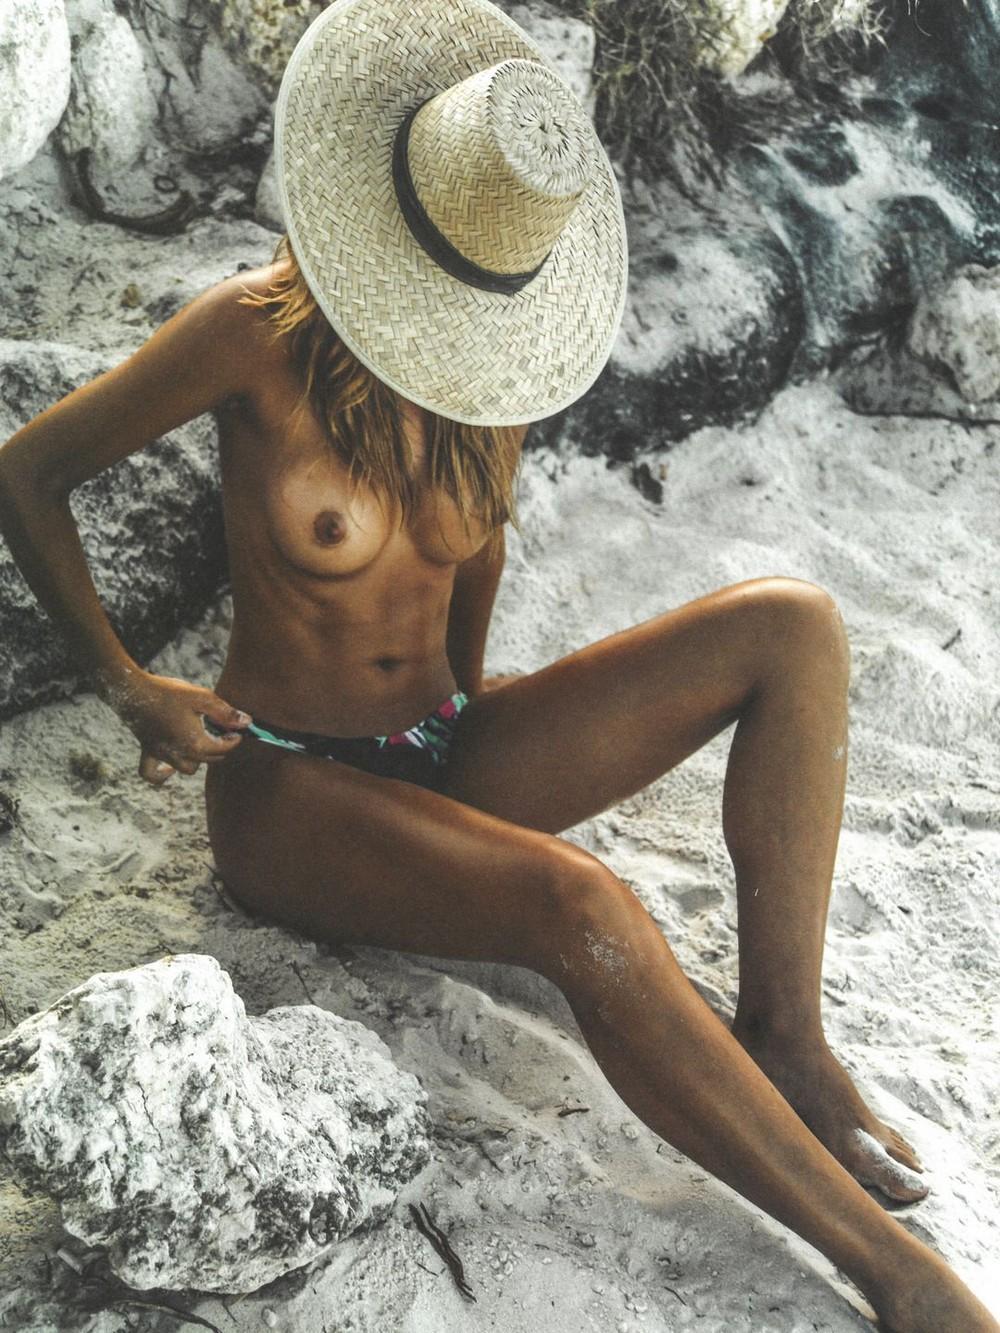 Sandra Kubicka em um ensaio fotográfico sensual 12